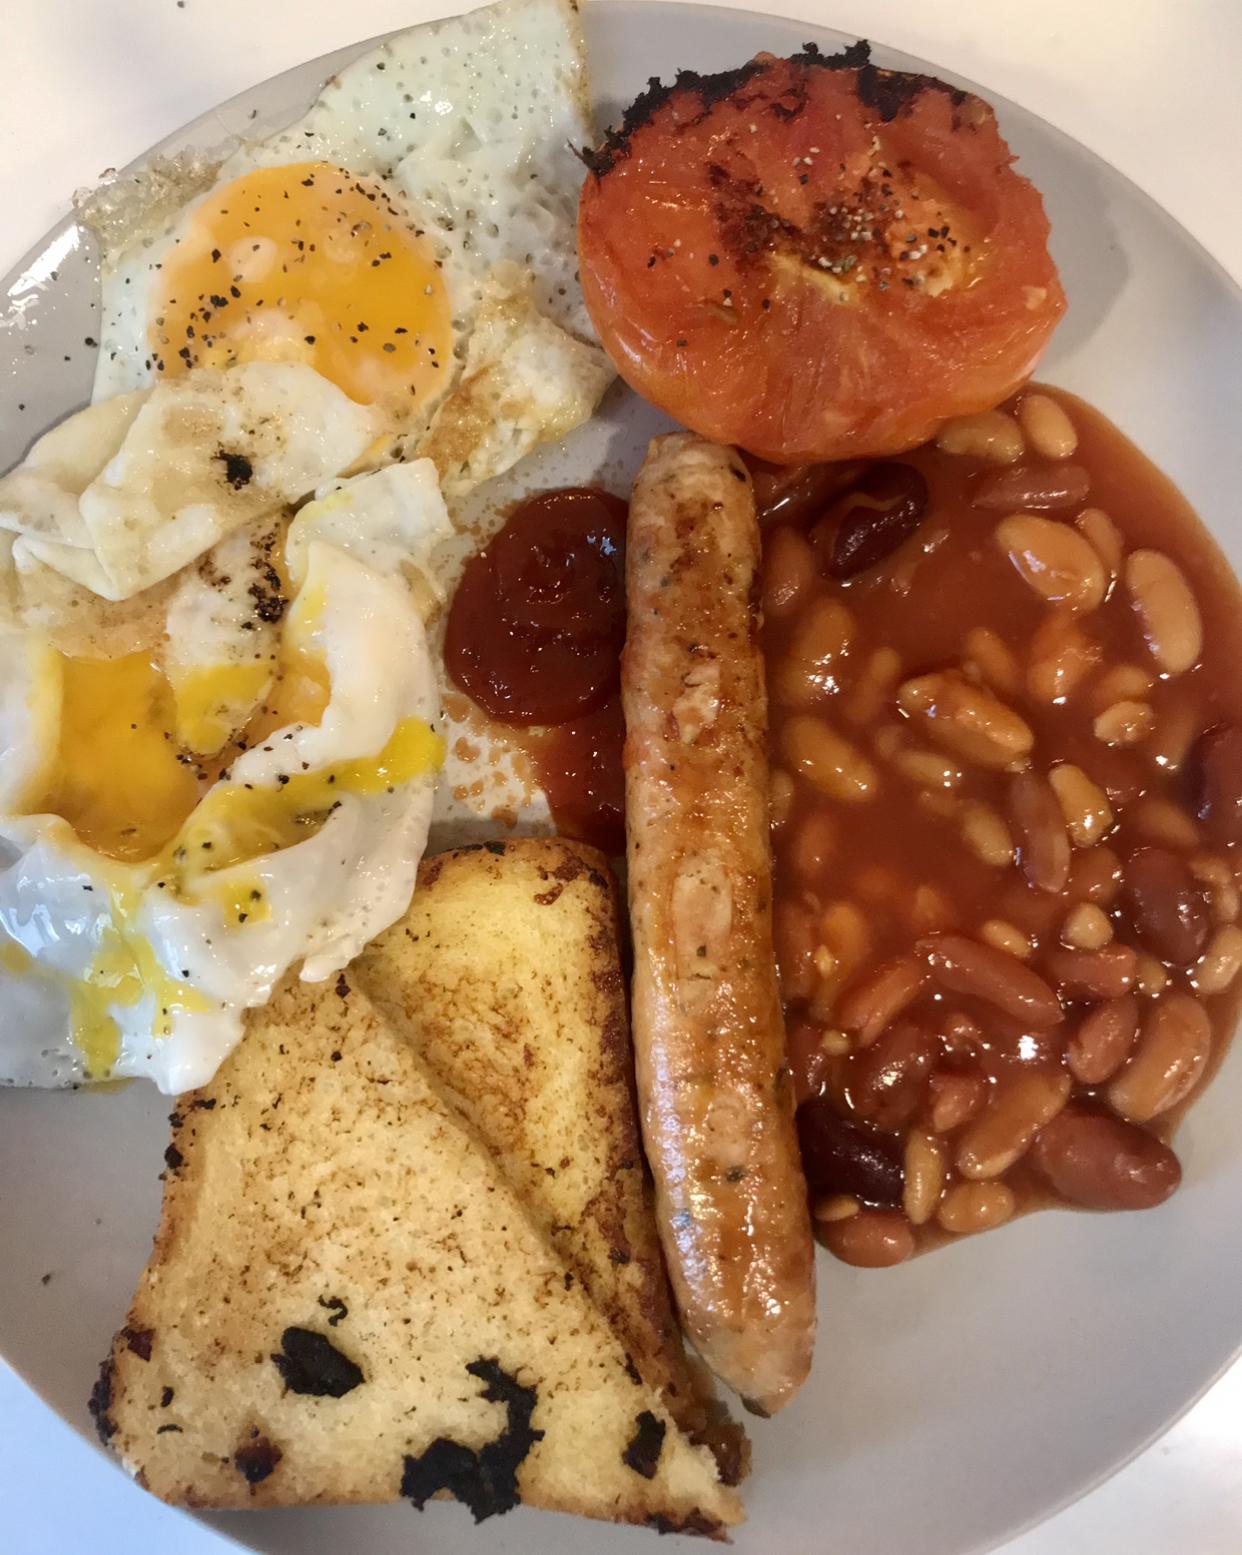 Breakfast-85cd15f9-2c37-462d-921a-339c85b624bf-jpeg